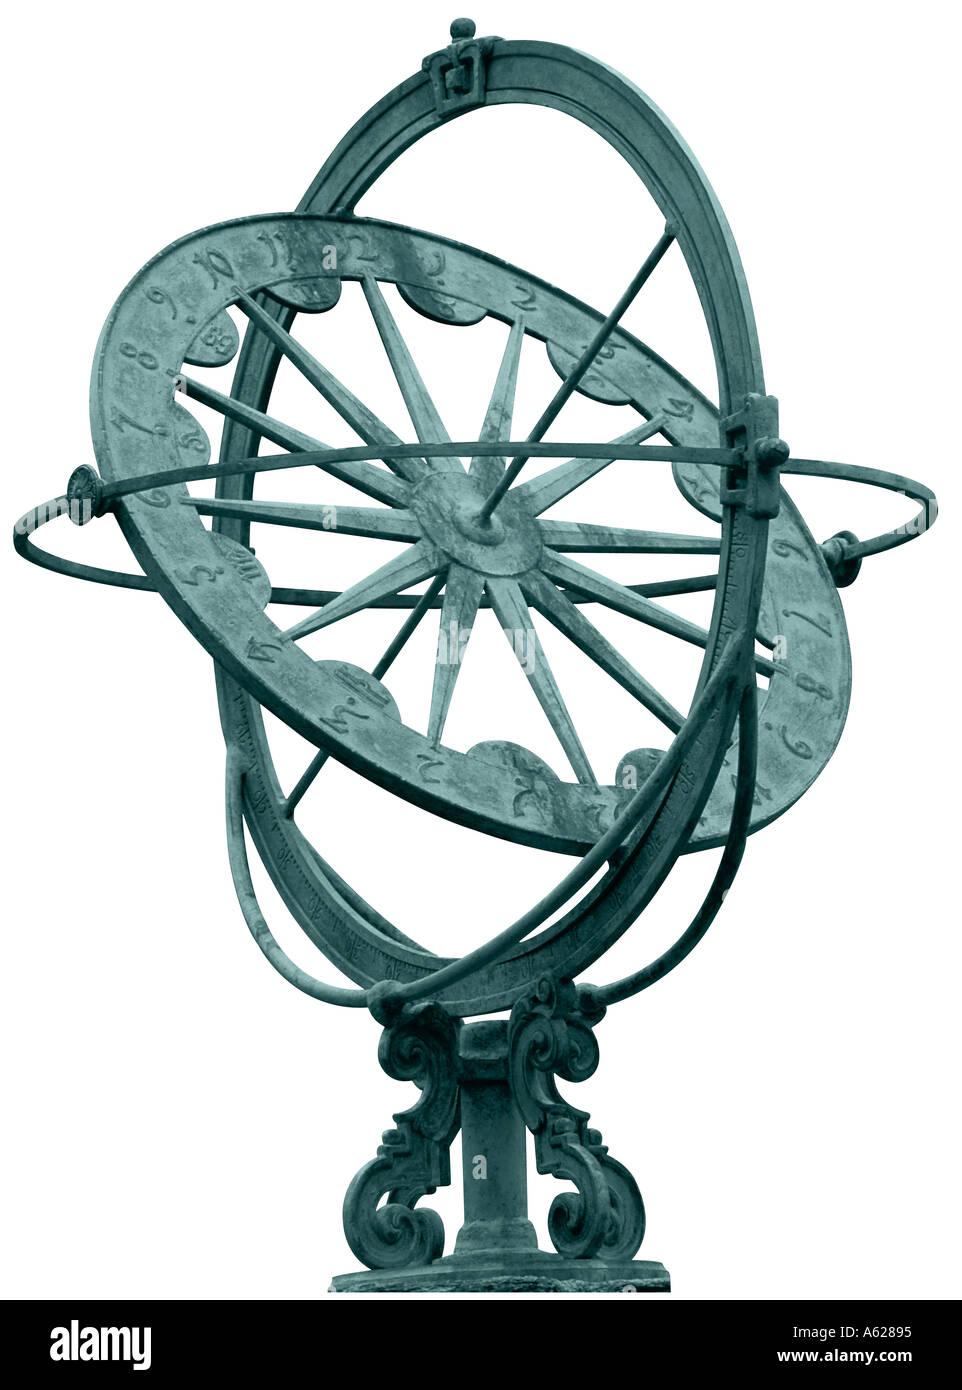 Armilary o meridiana dalla parte anteriore Immagini Stock